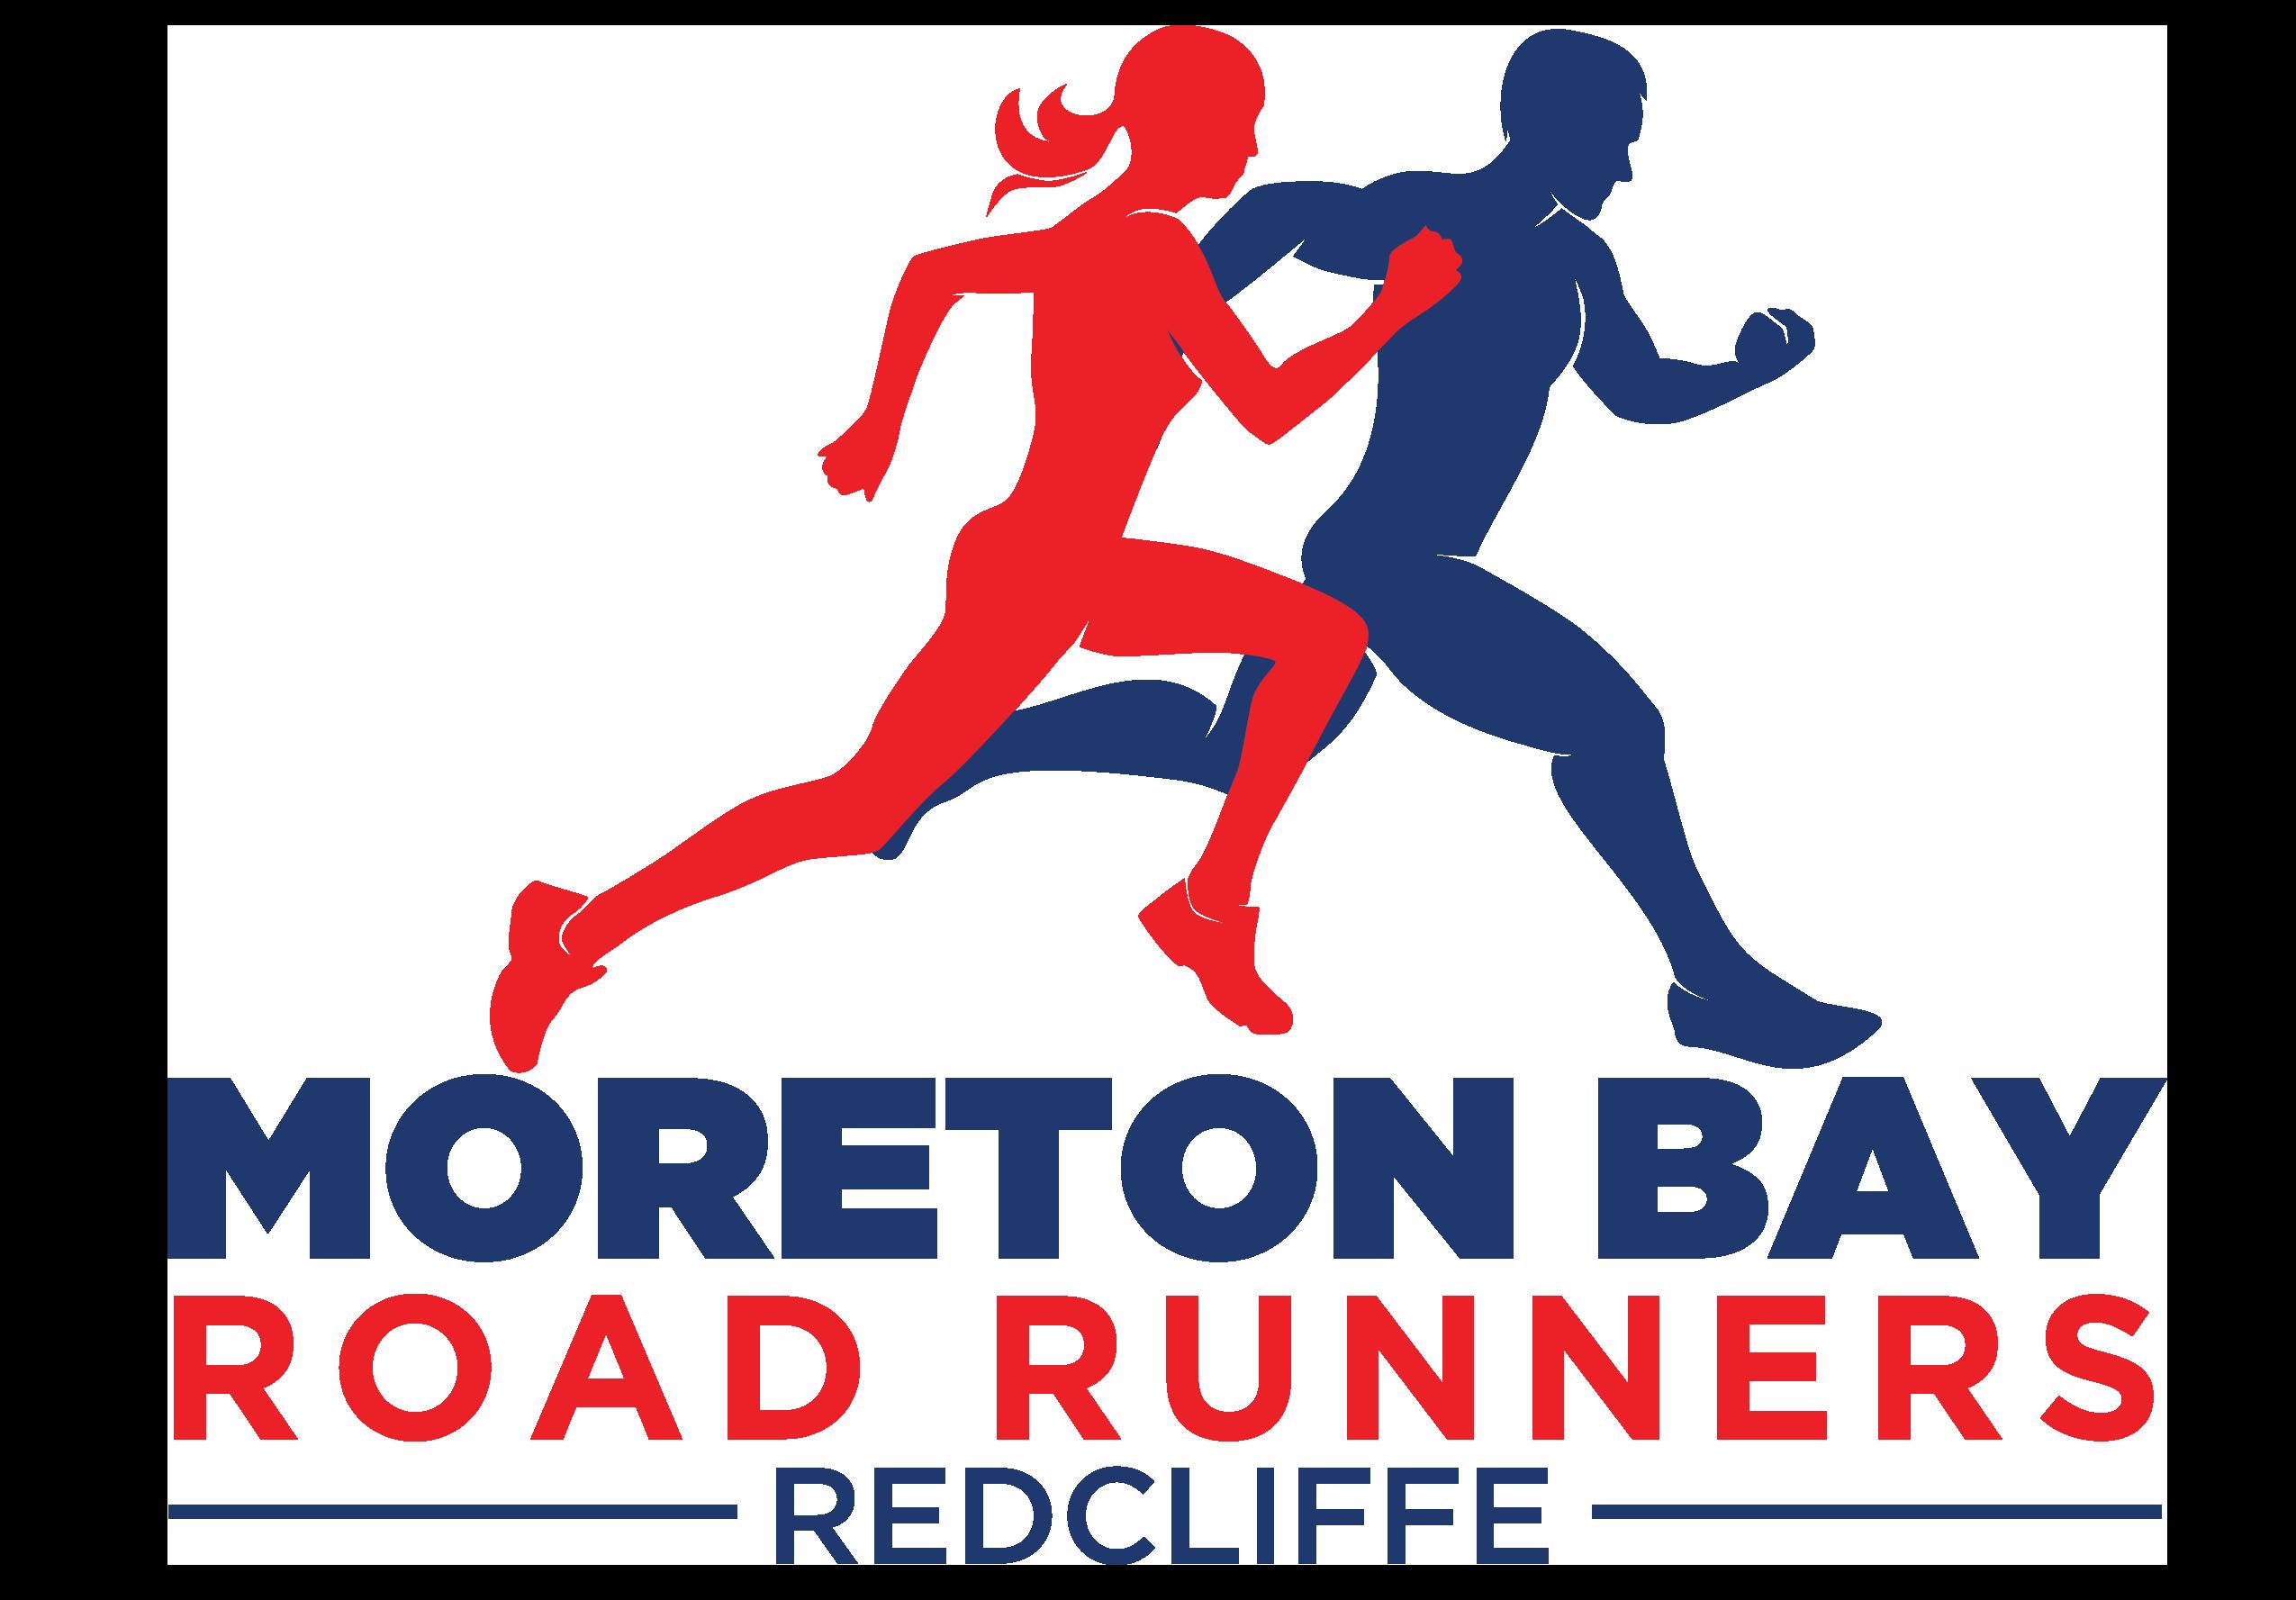 Moreton Bay Road Runners